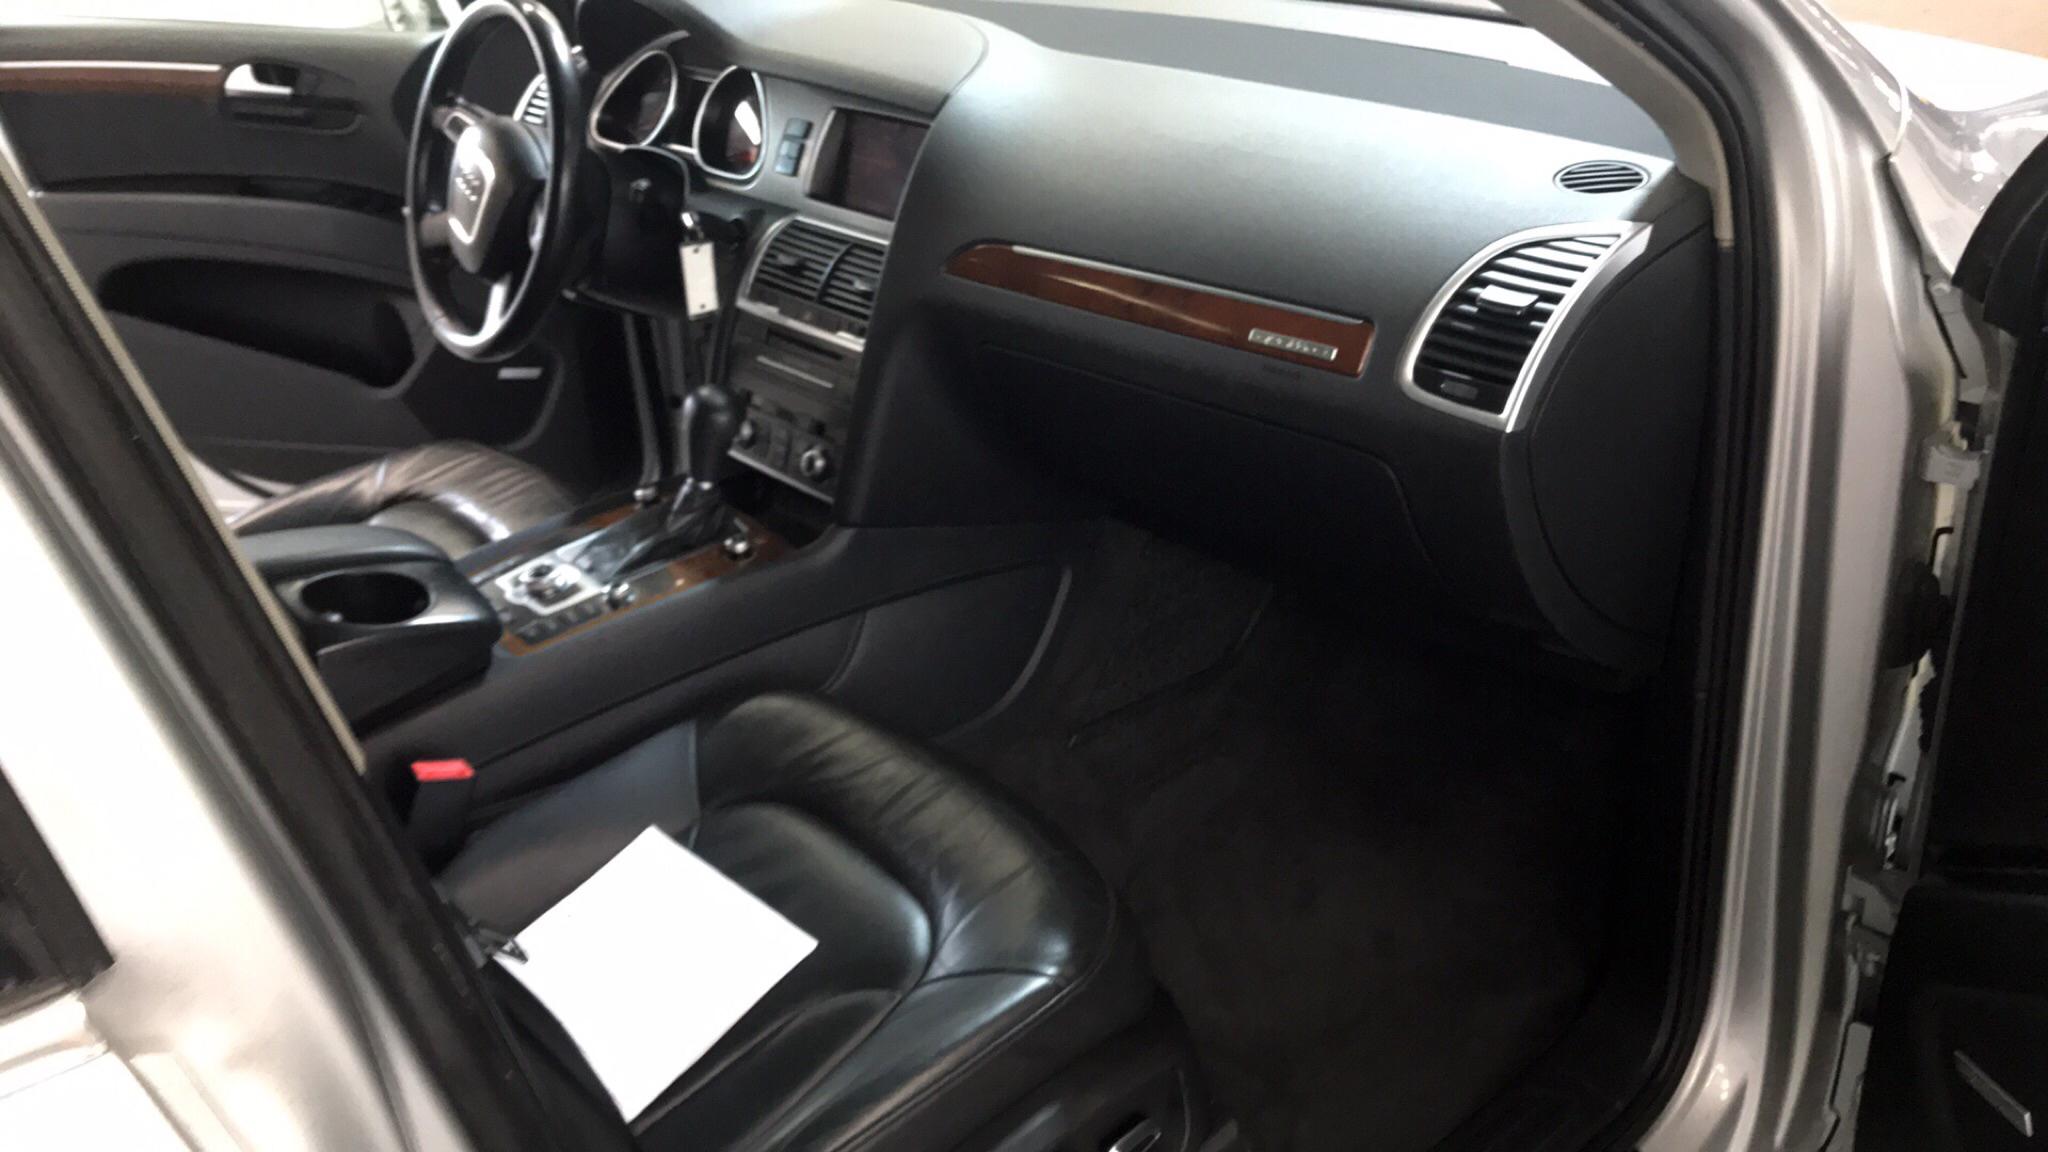 2010 AUDI Q7 PREMIUM PLUS for sale at Tradewinds Motor Center